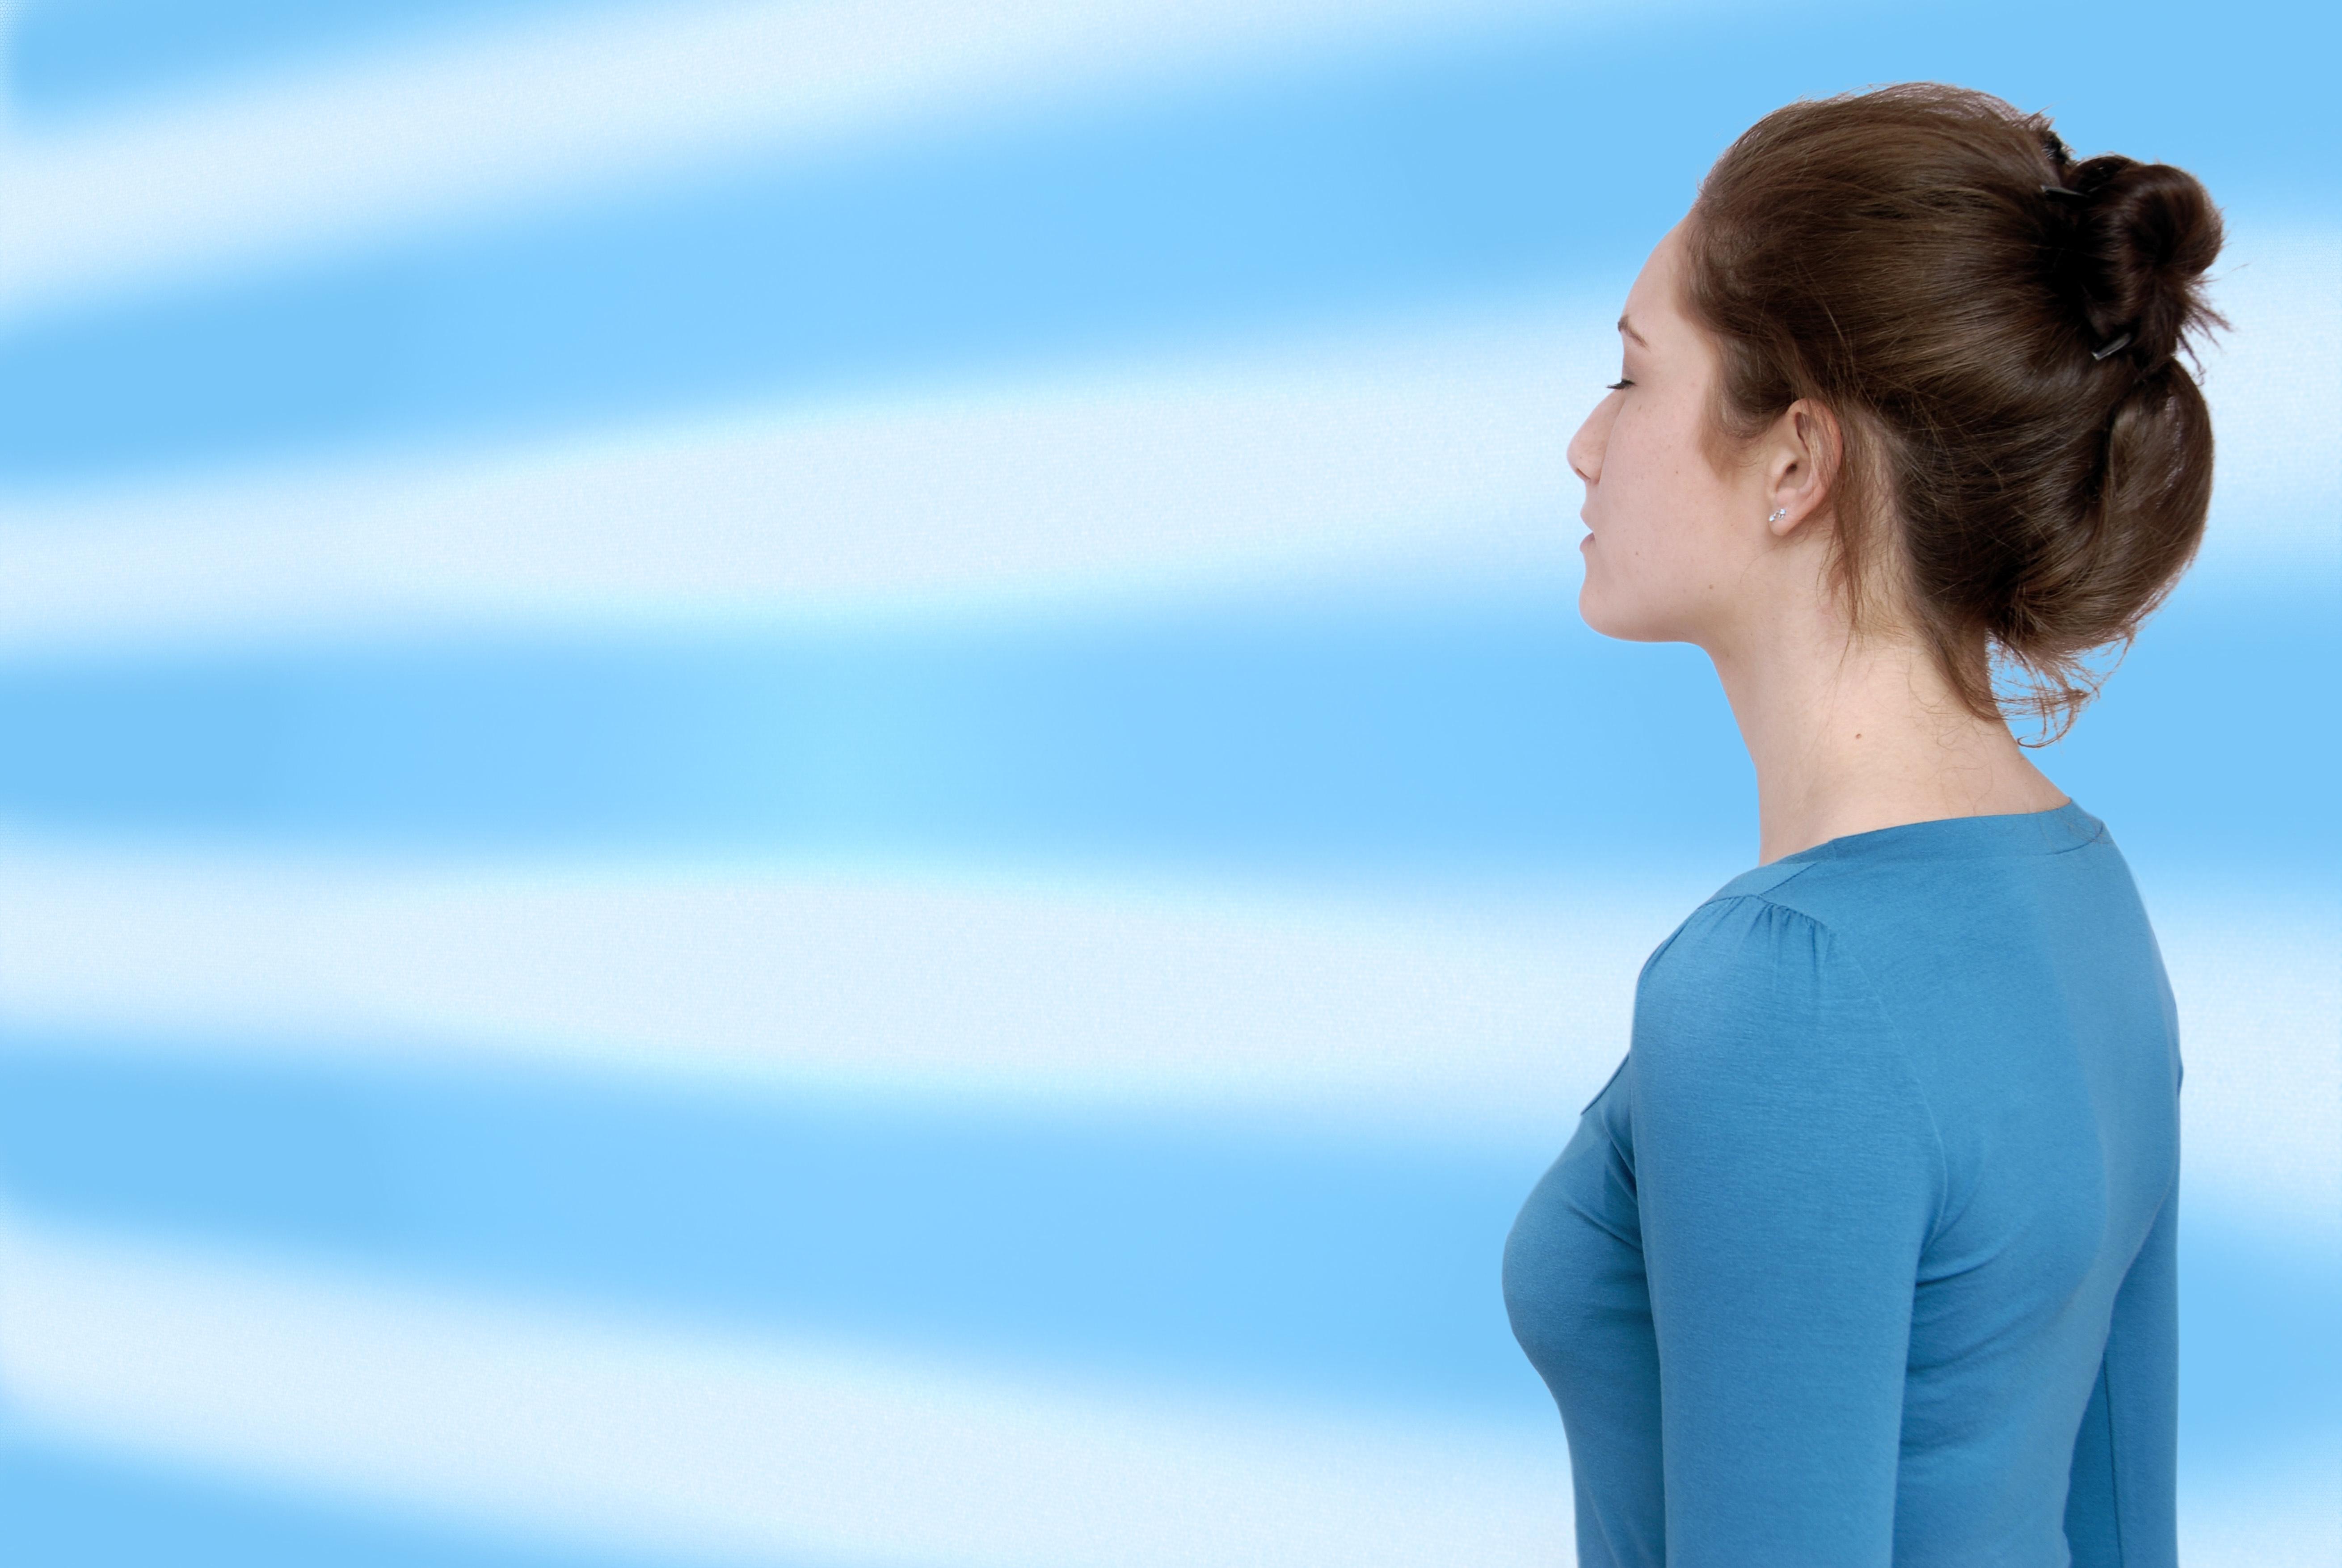 La lumière bleue peut permettre d'optimiser la guérison des lésions cérébrales traumatiques légères, via un sommeil plus réparateur.